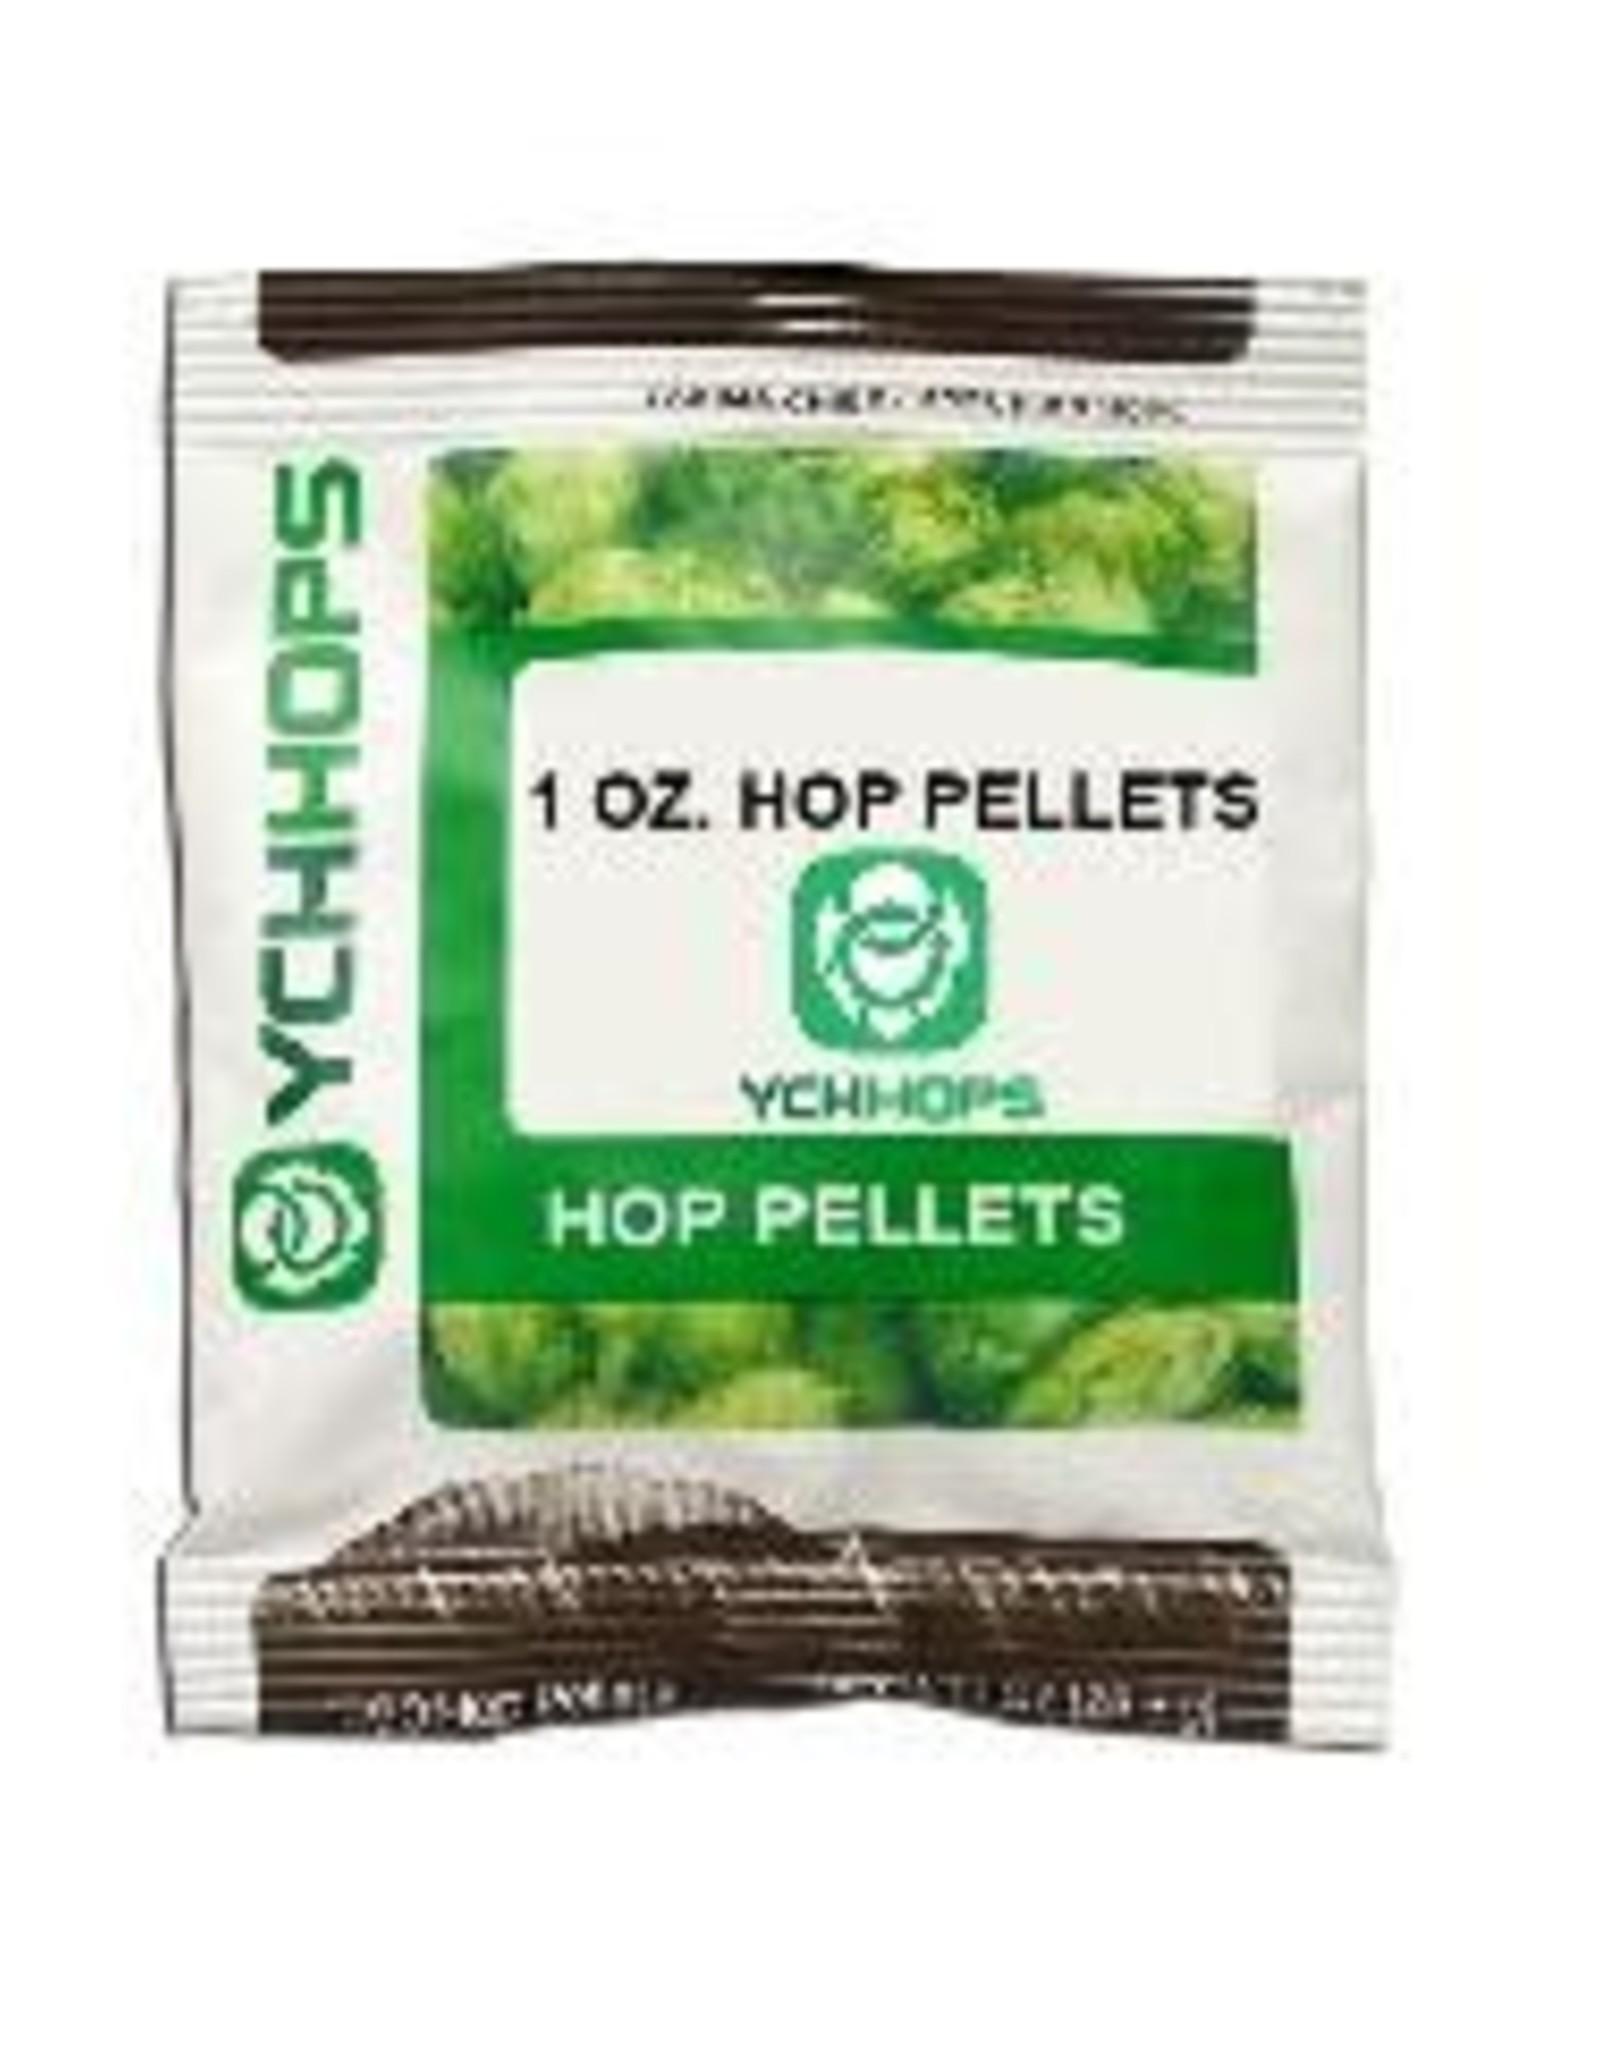 KAZBEK Hop Pellets- 1 oz.